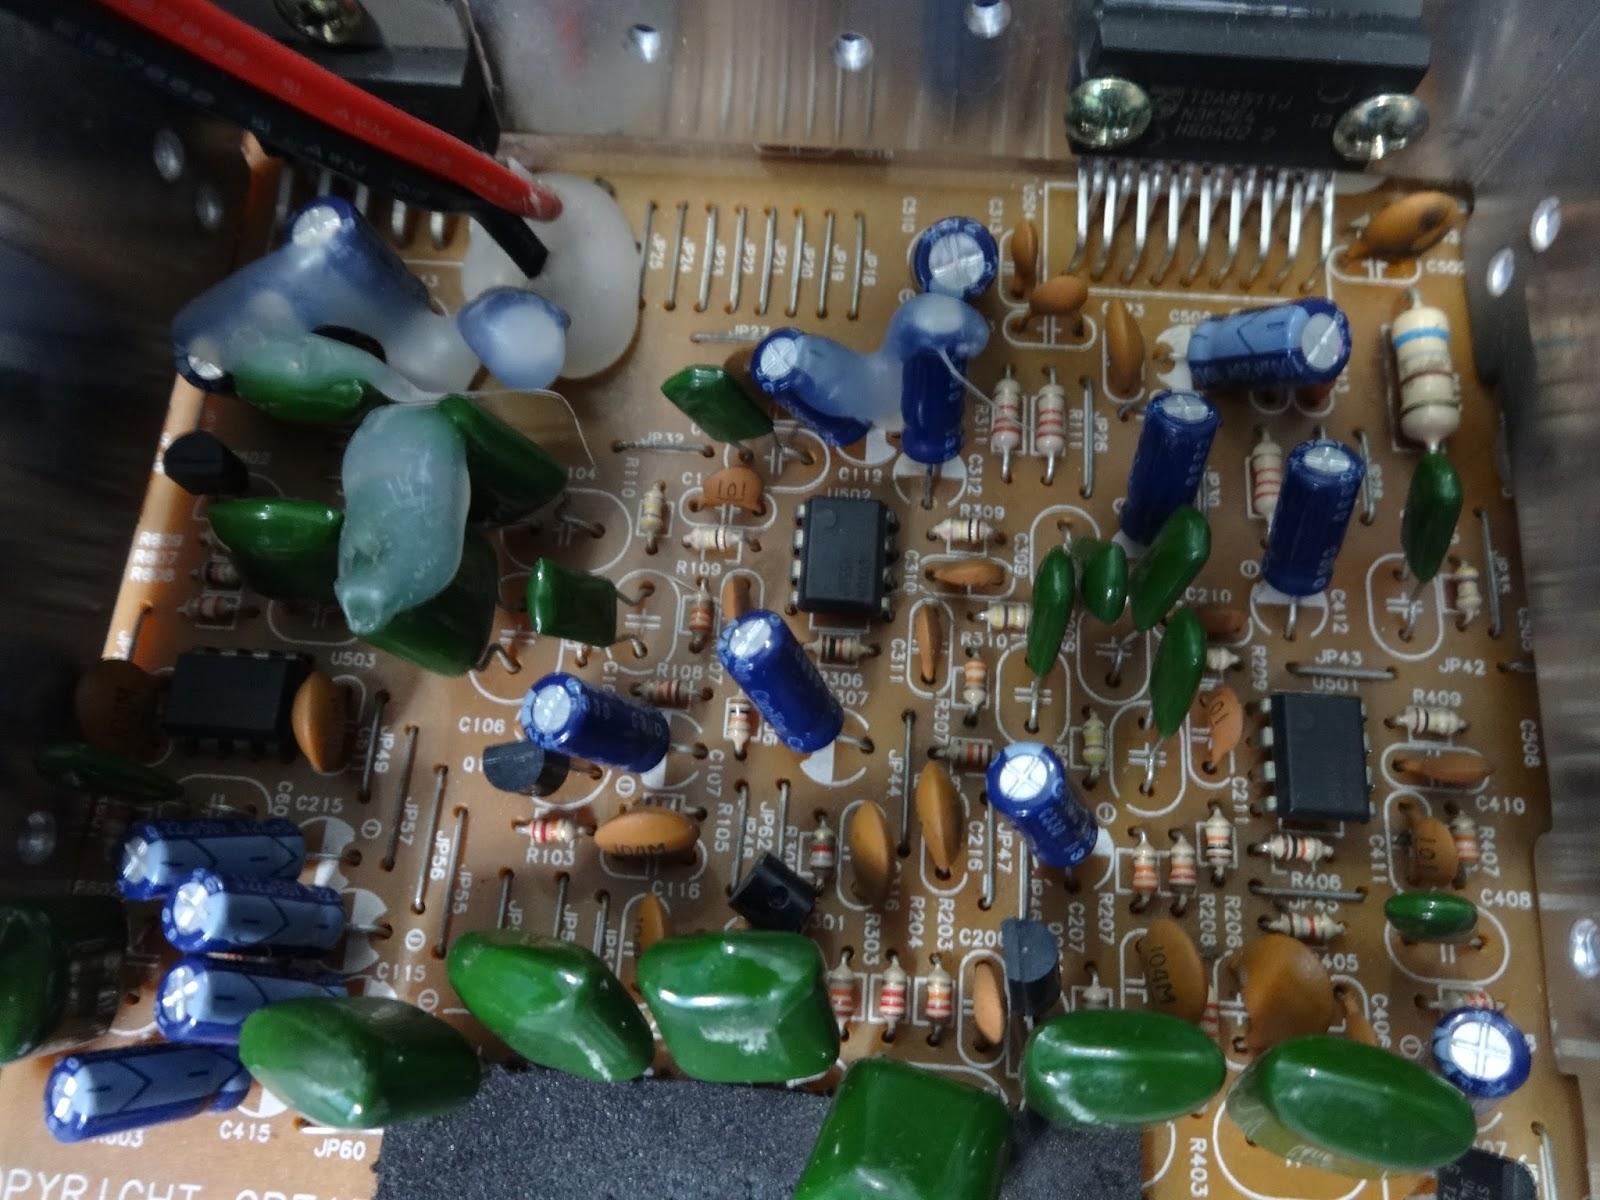 Creative Speaker 4 1 44000hz Repair